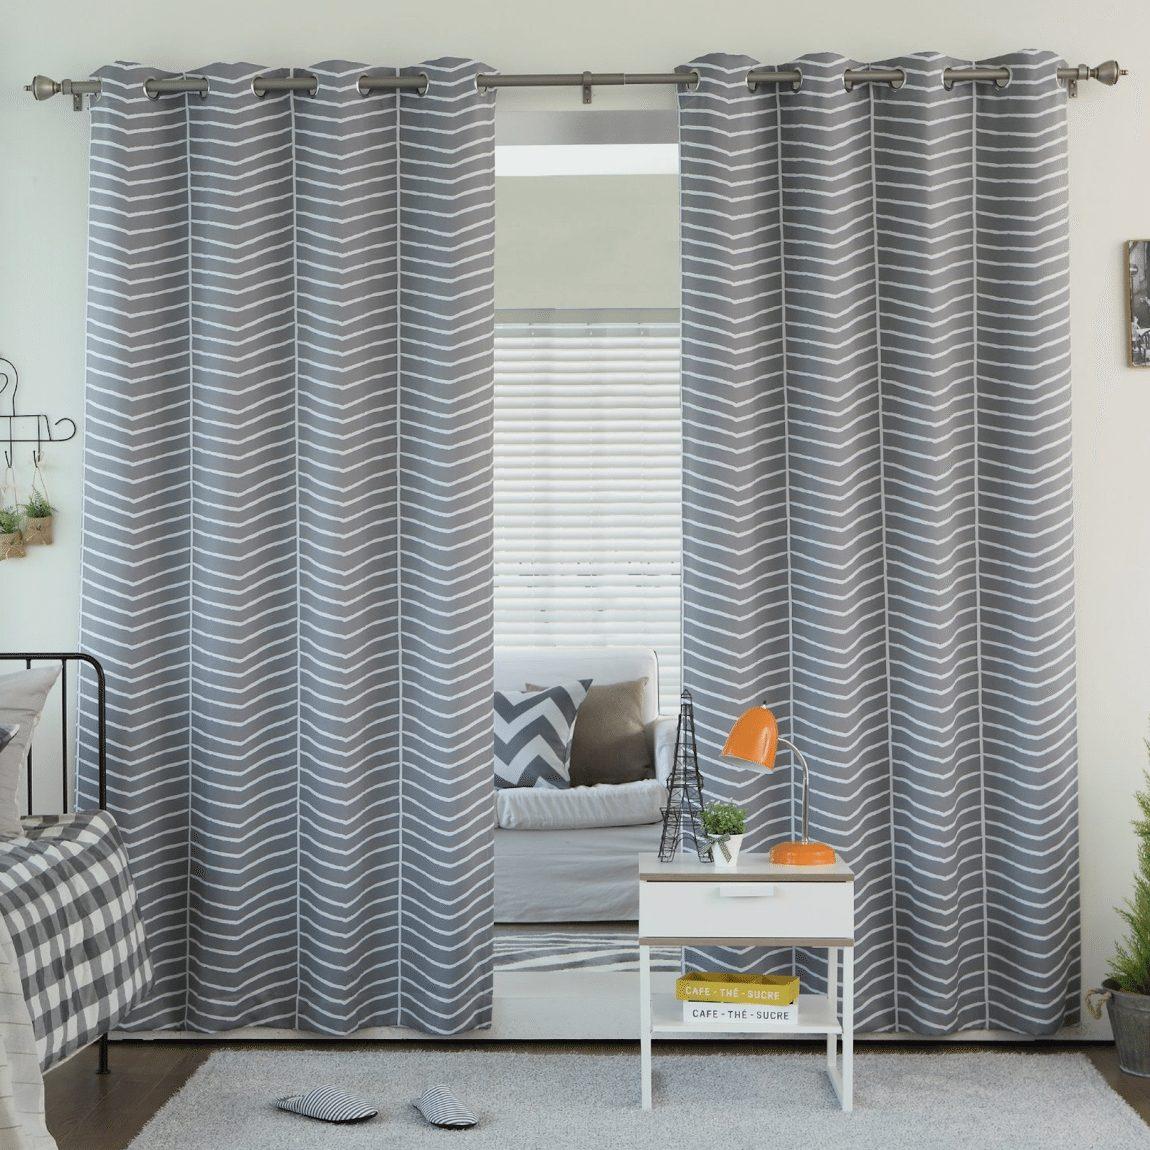 Best Home Fashion Room Darkening Chevron Print Curtains - Stainless Steel Nickel Grommet Top